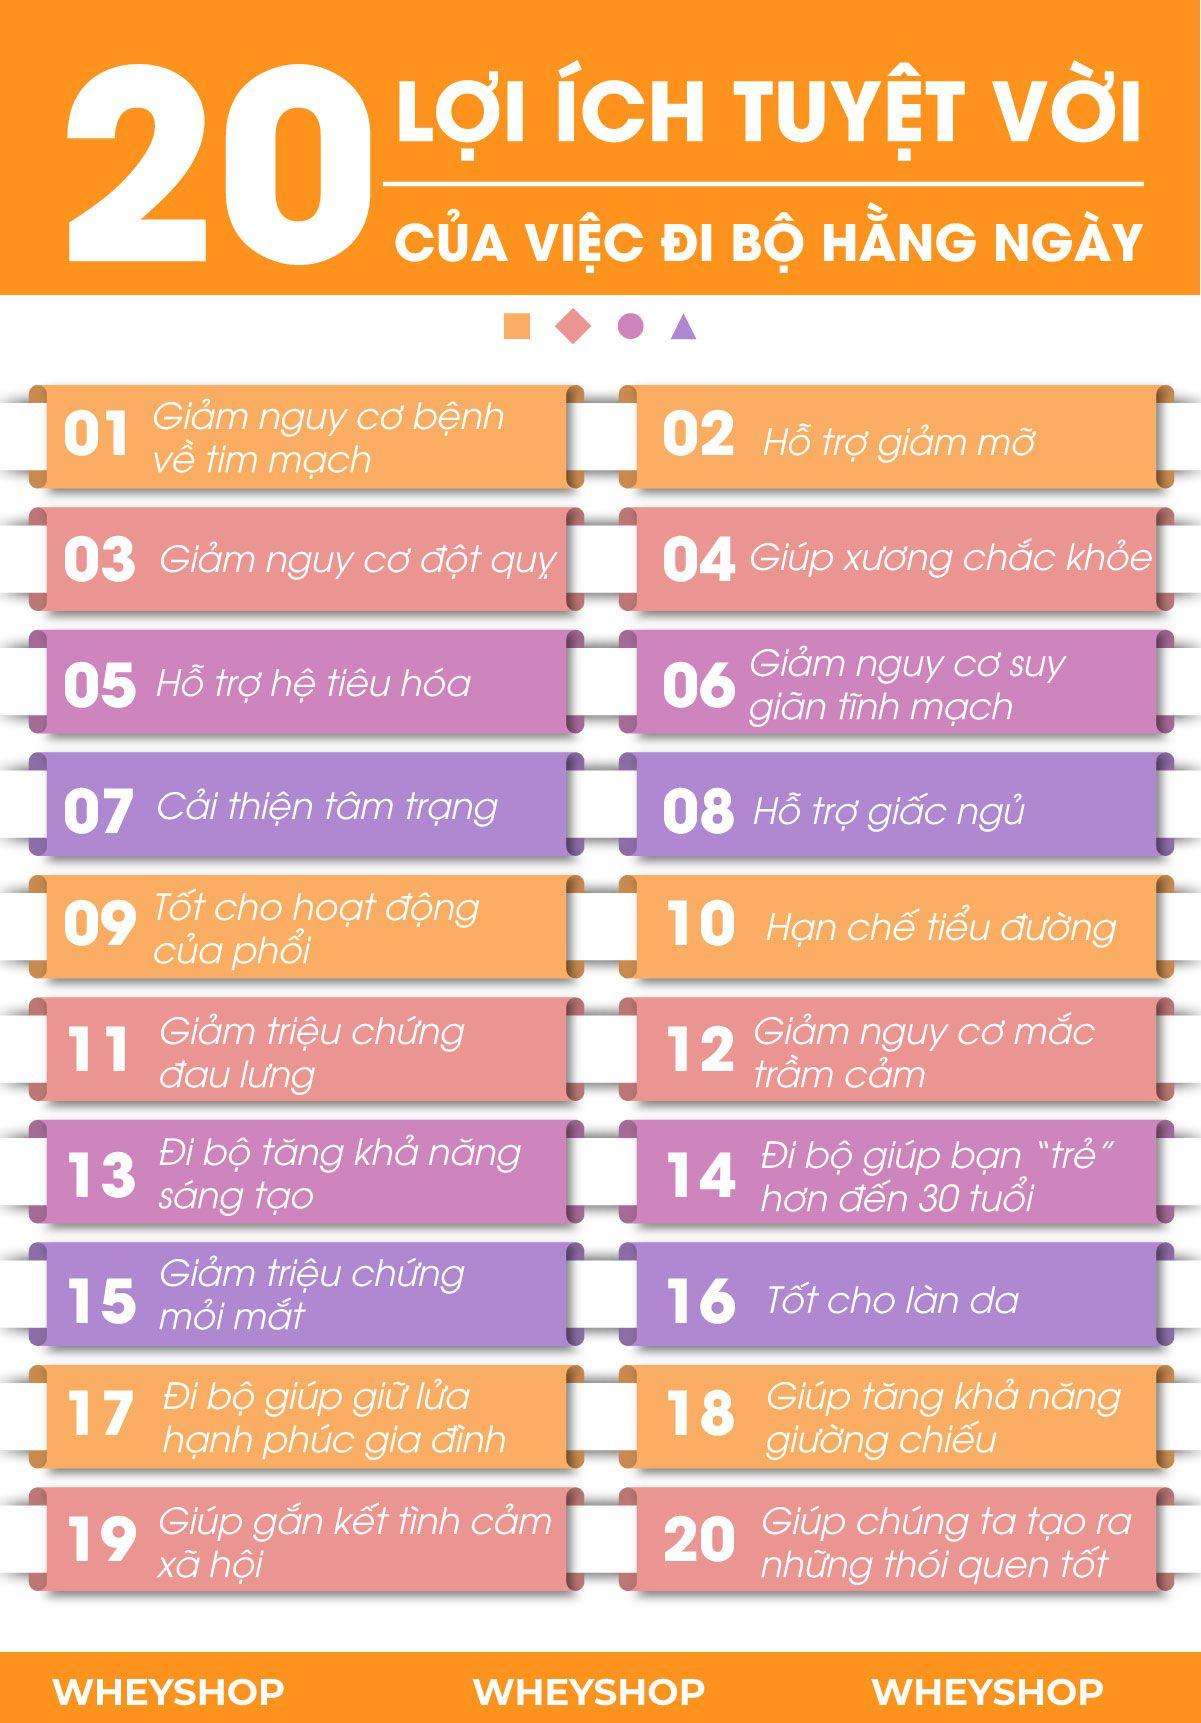 Đi bộ là hoạt động quen thuộc hằng ngày, tuy nhiên không phải ai cũng biết về lợi ích của việc đi bộ. Hãy cùng WheyShop tìm hiểu ngay về 20 lợi ích...